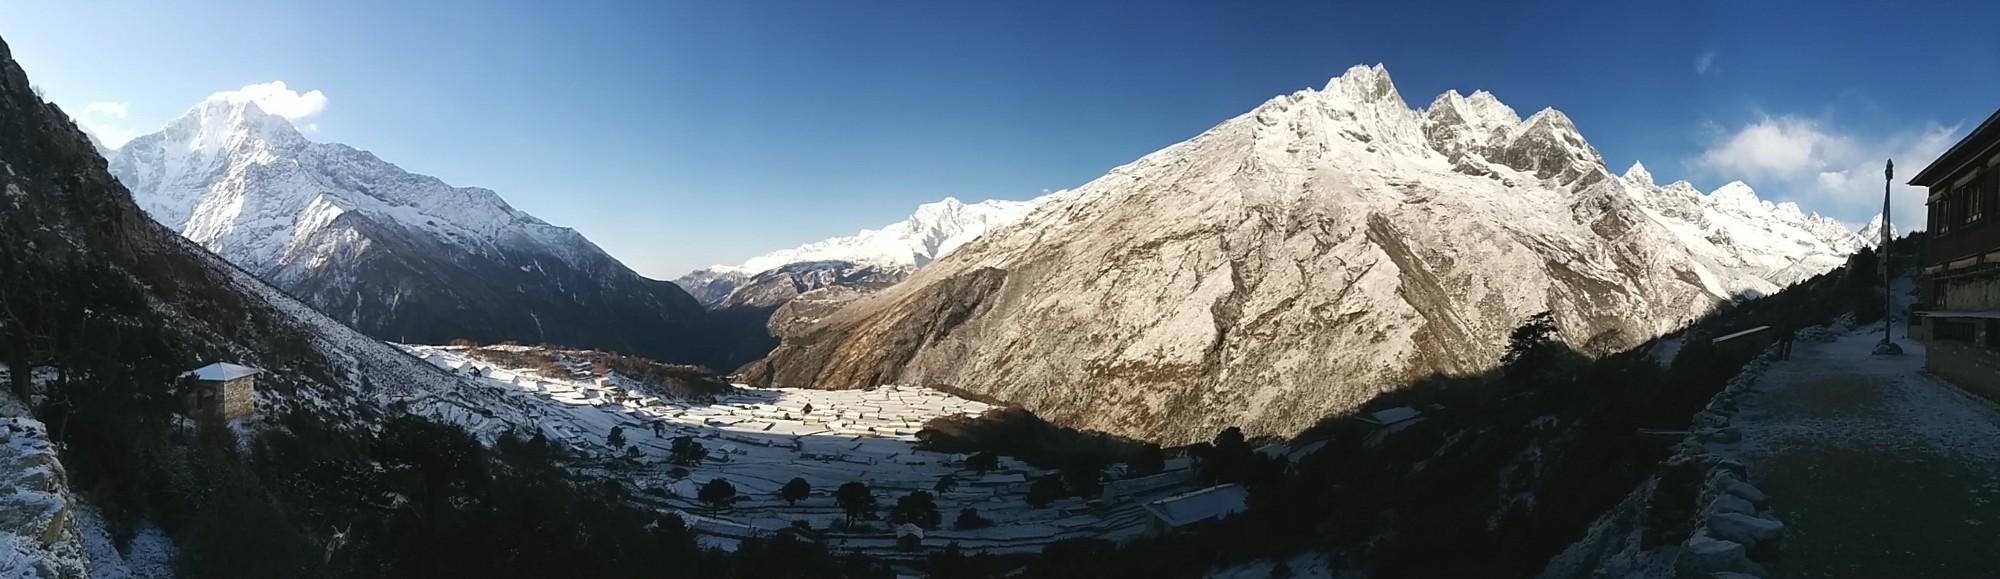 If I were a tourist, I would never go to Nepal